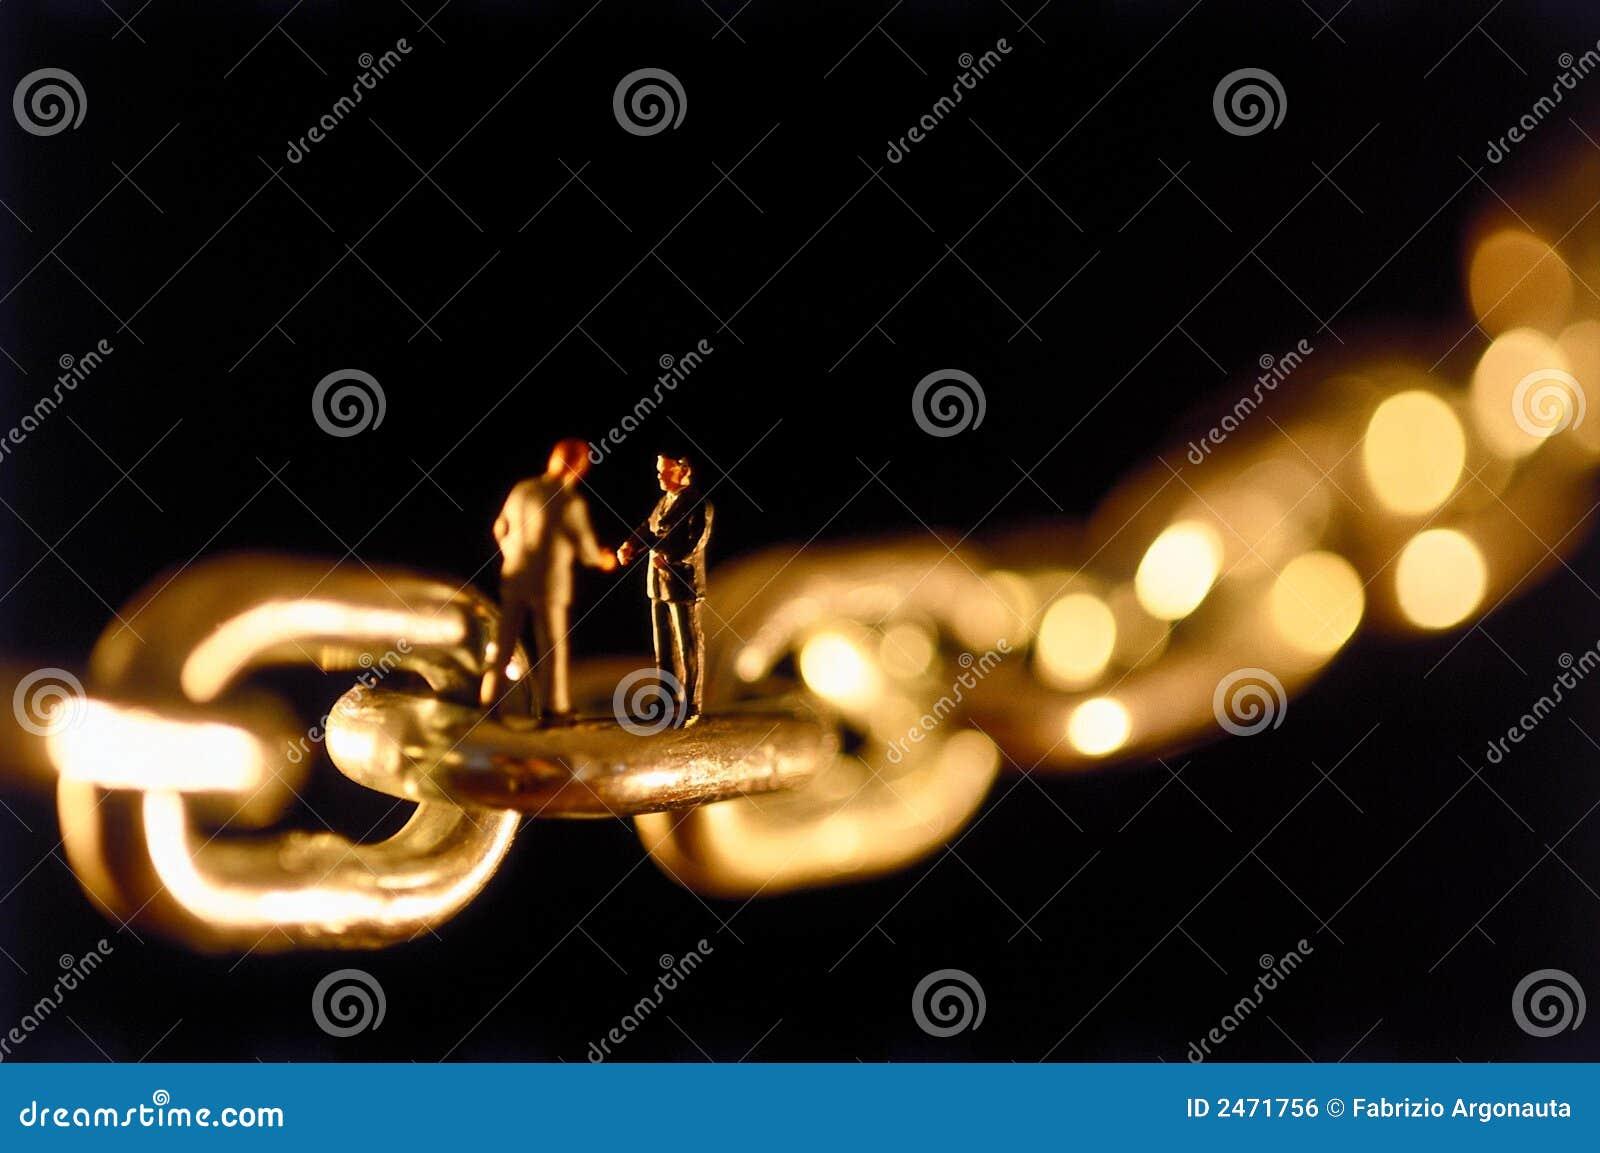 Acuerdo de cadena